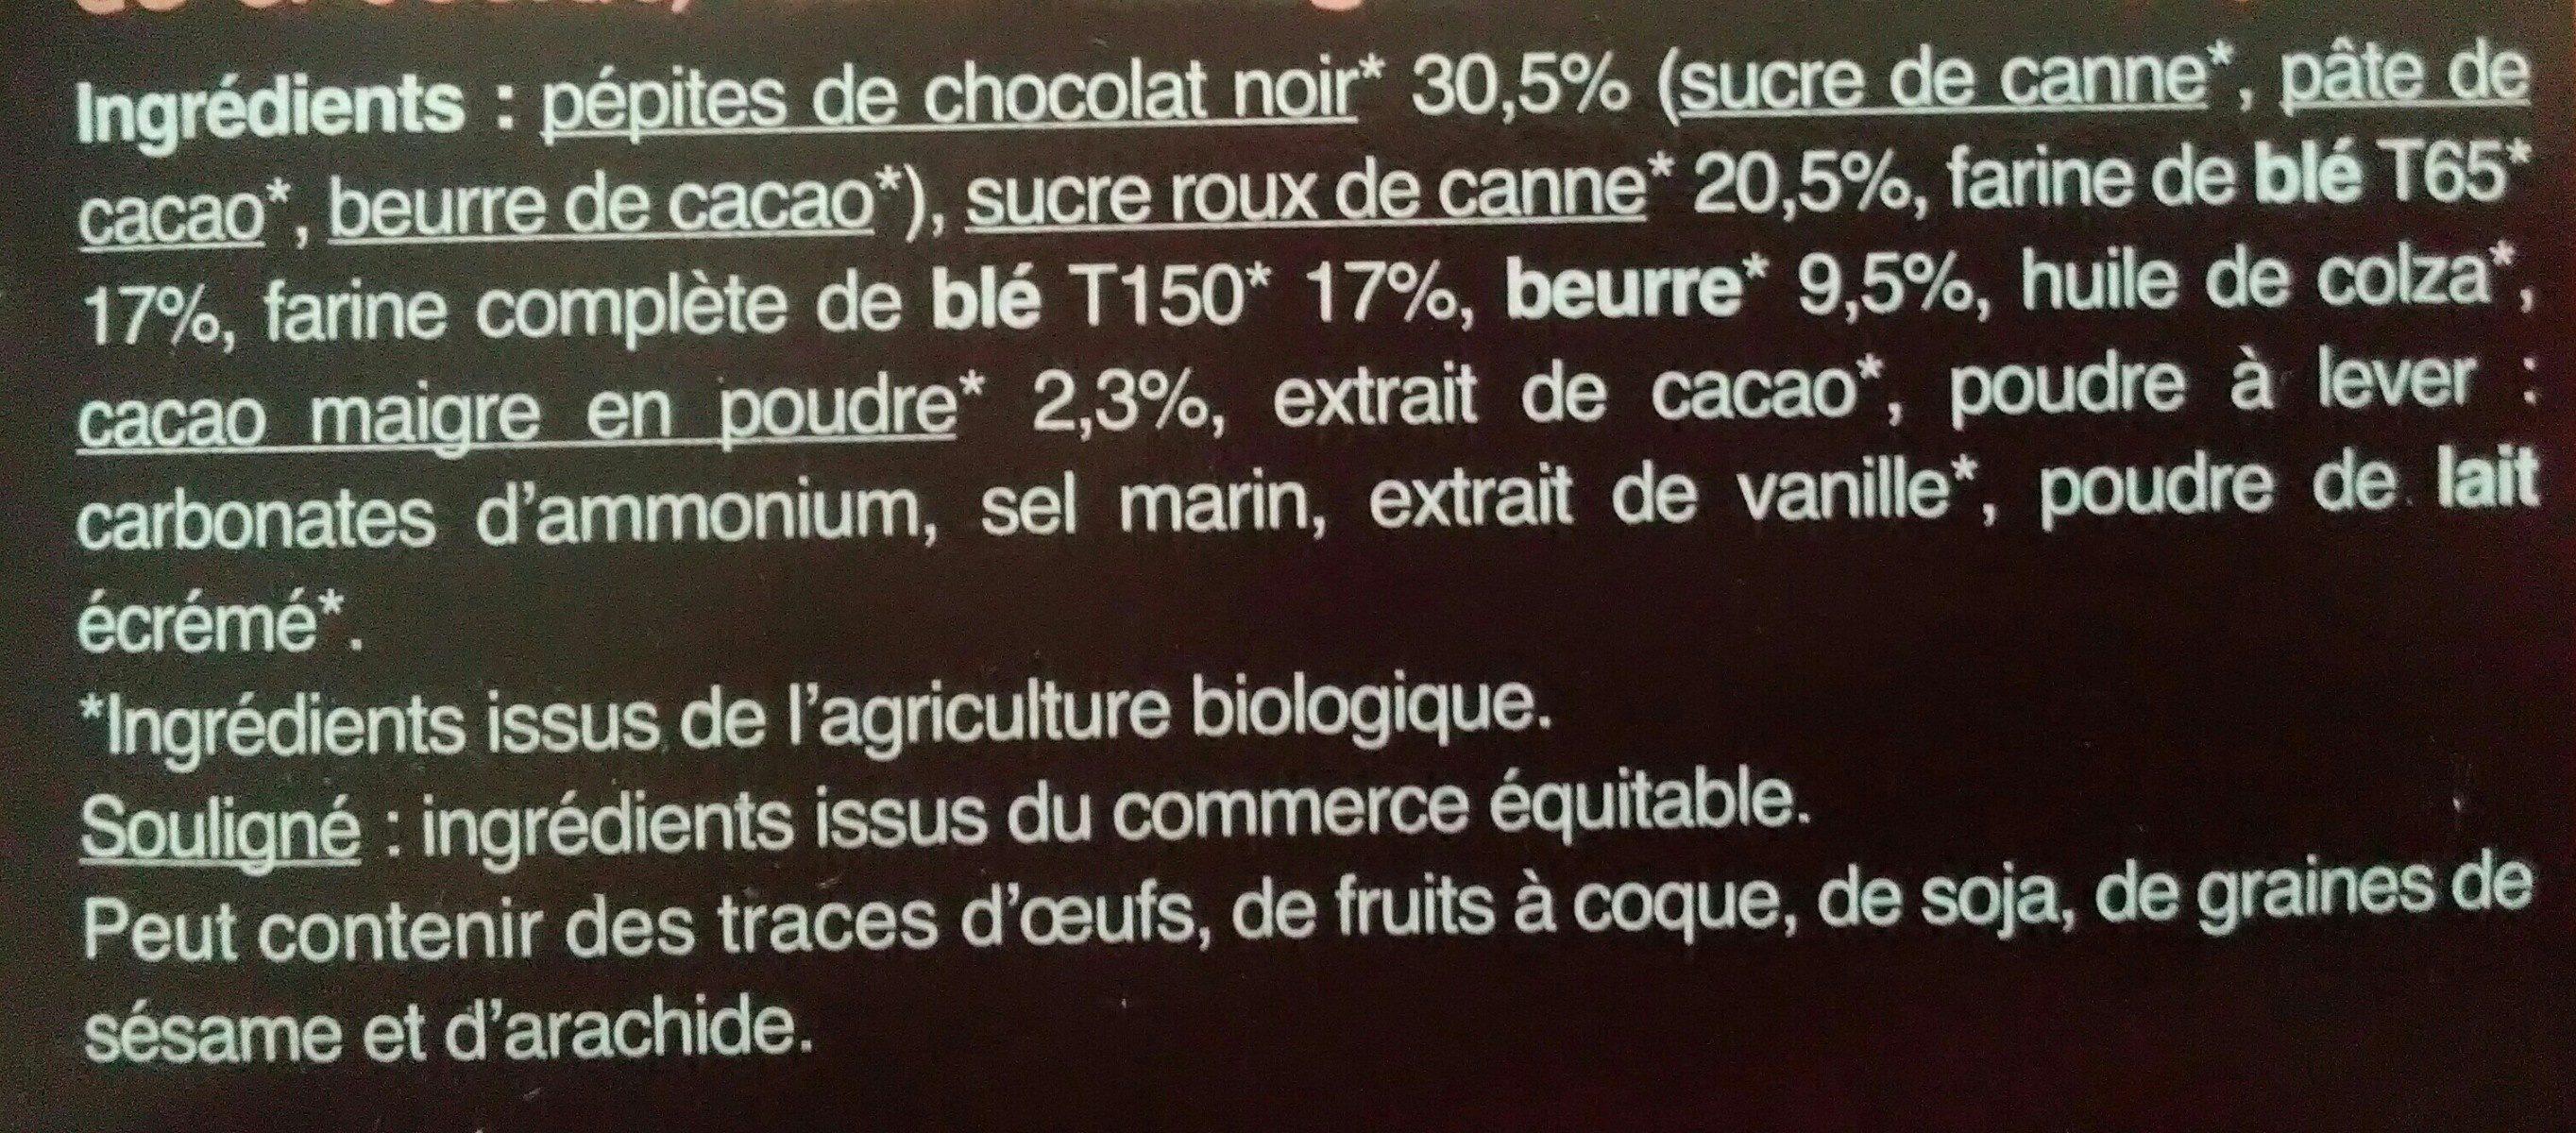 Cookies chocolat - Ingrédients - fr